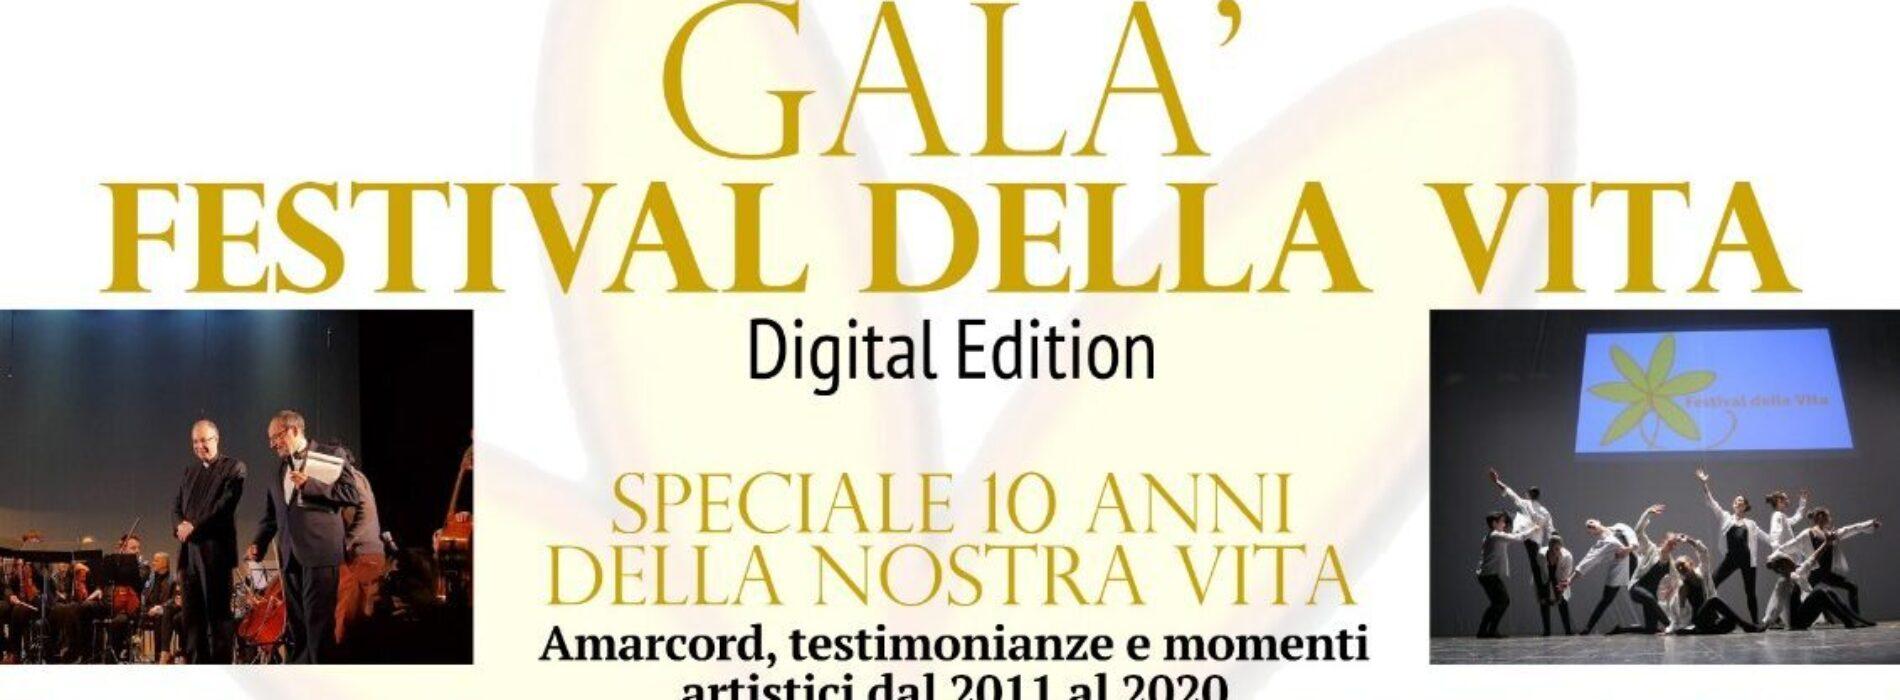 Festival della Vita, la decima edizione sarà in digitale